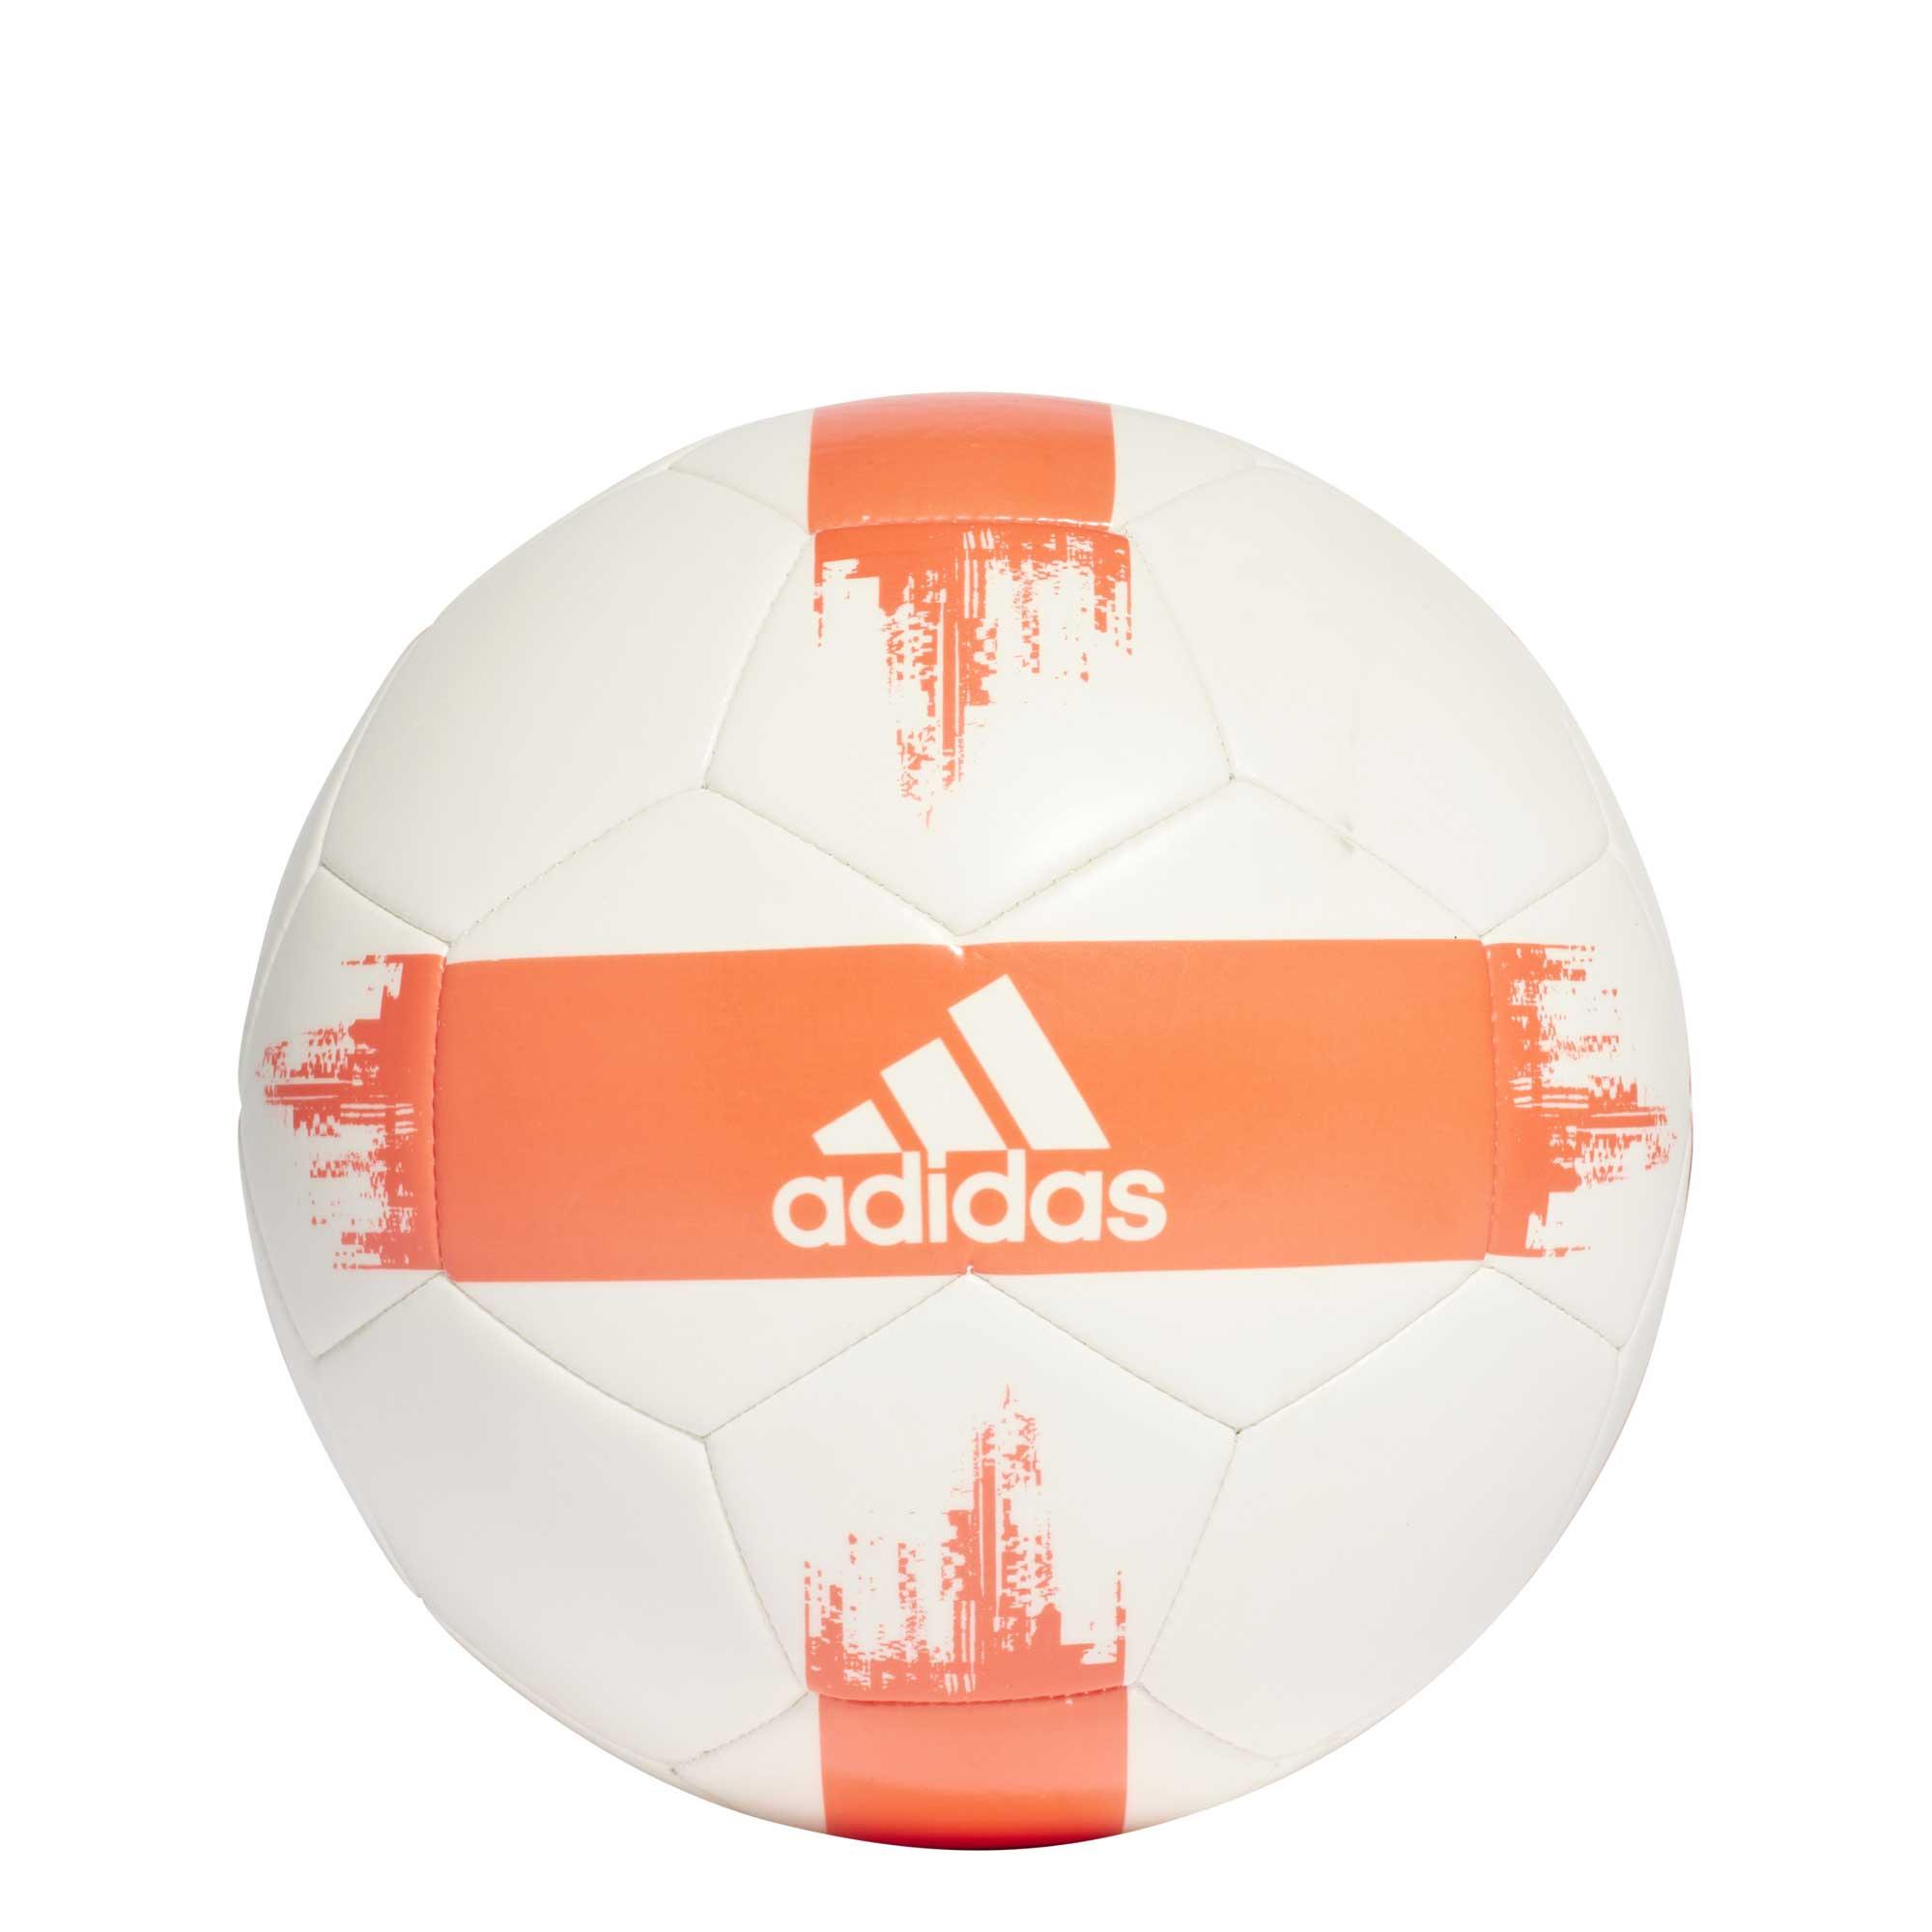 adidas Fussball EPP II CW5354 3